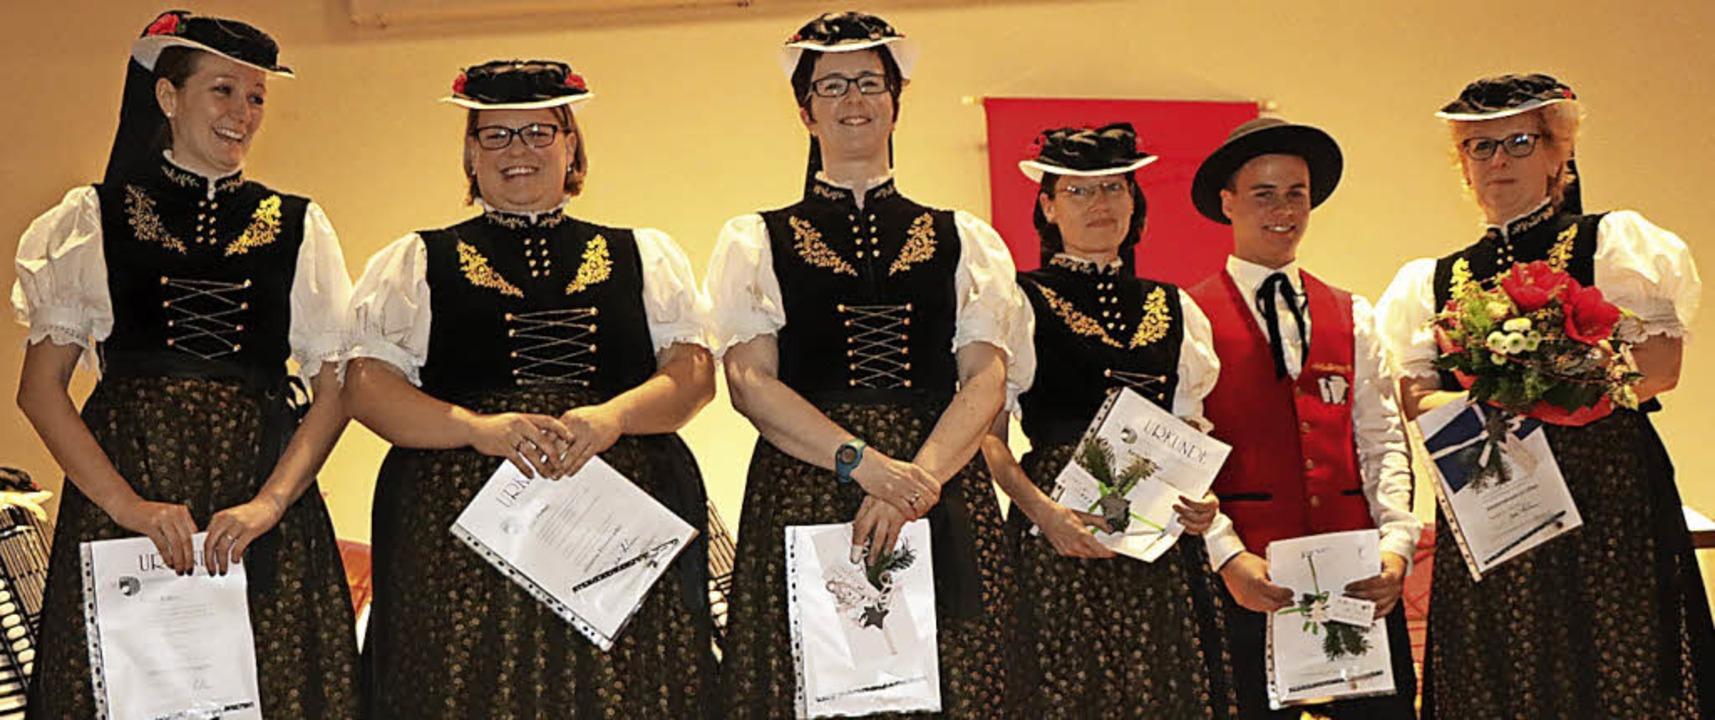 Die Trachtenakkordeongruppe Hinterzart..., Felix Kapp und Sabine Winterhalder.   | Foto: DIETER MAURER